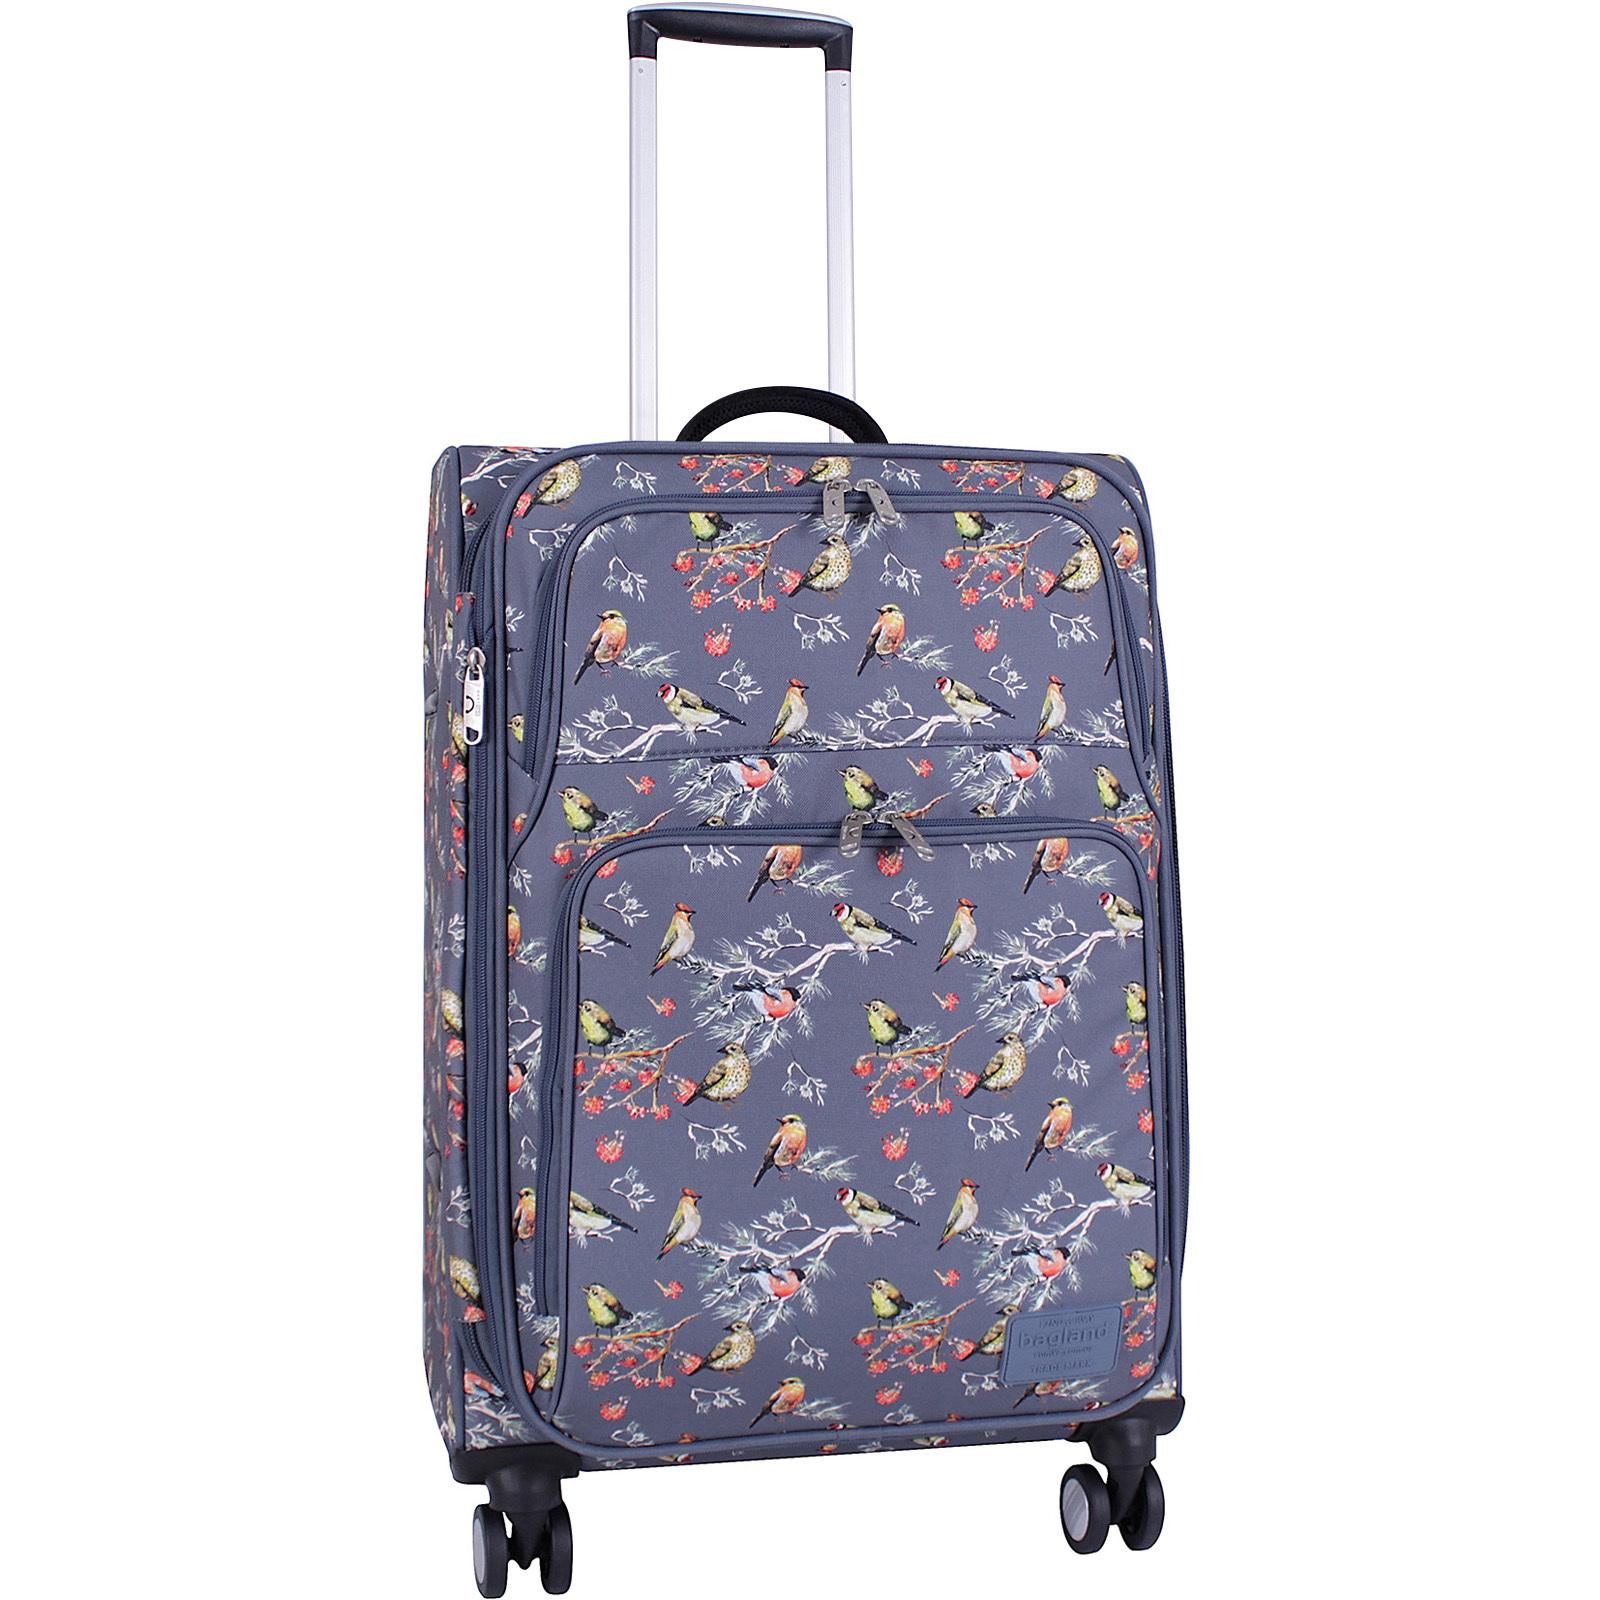 Дорожные чемоданы Чемодан Bagland Валенсия средний дизайн 63 л. сублимация 445 (0037966244) IMG_4820_суб.445_.JPG